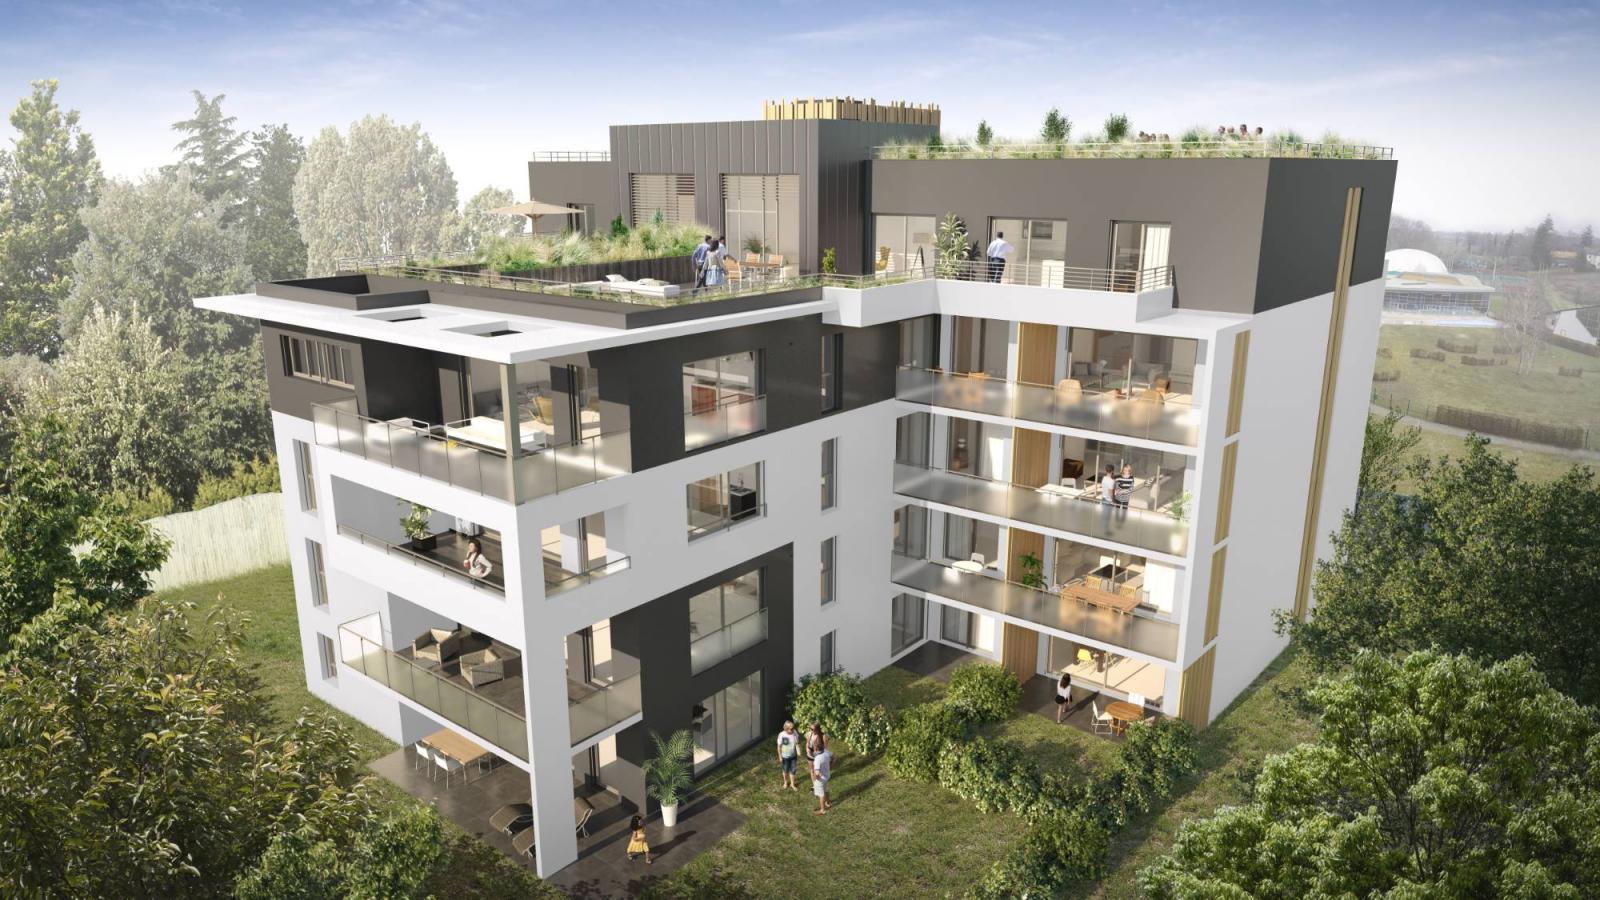 Programme immobilier VAL43 appartement à Ferney-Voltaire (01210) Aux Portes de Genève